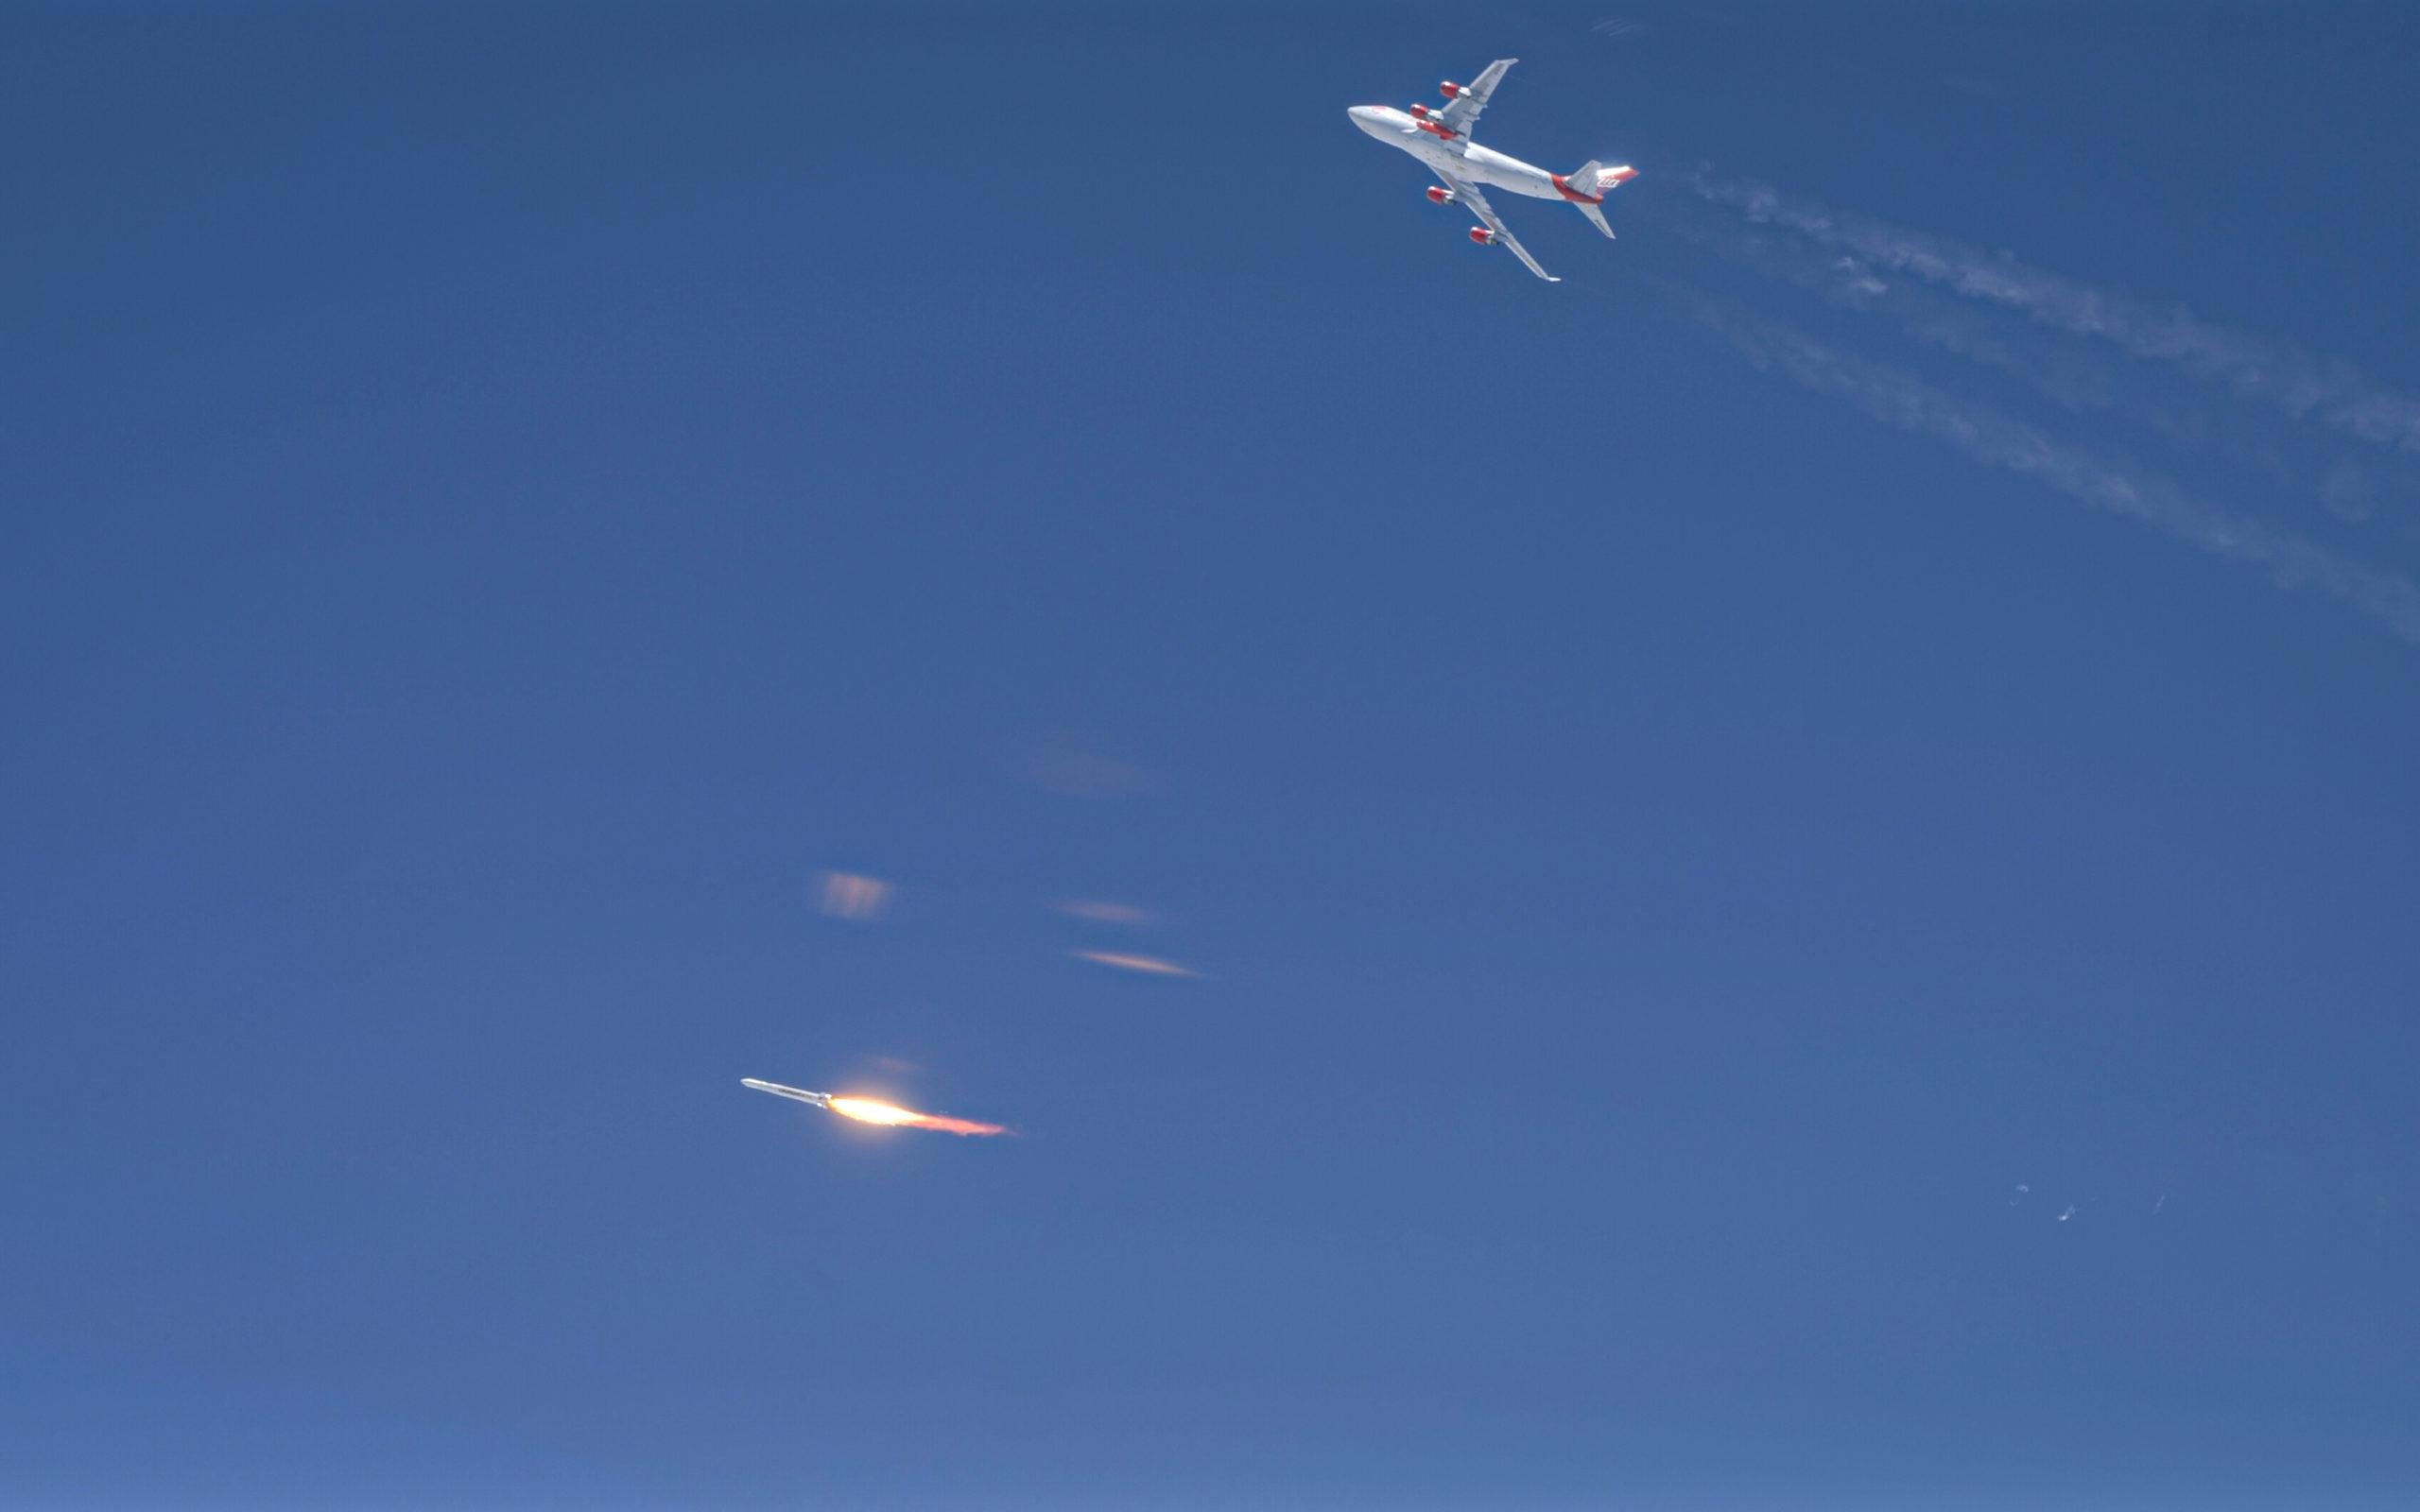 Richard Branson repülőről indított rakétája elérte az űrt